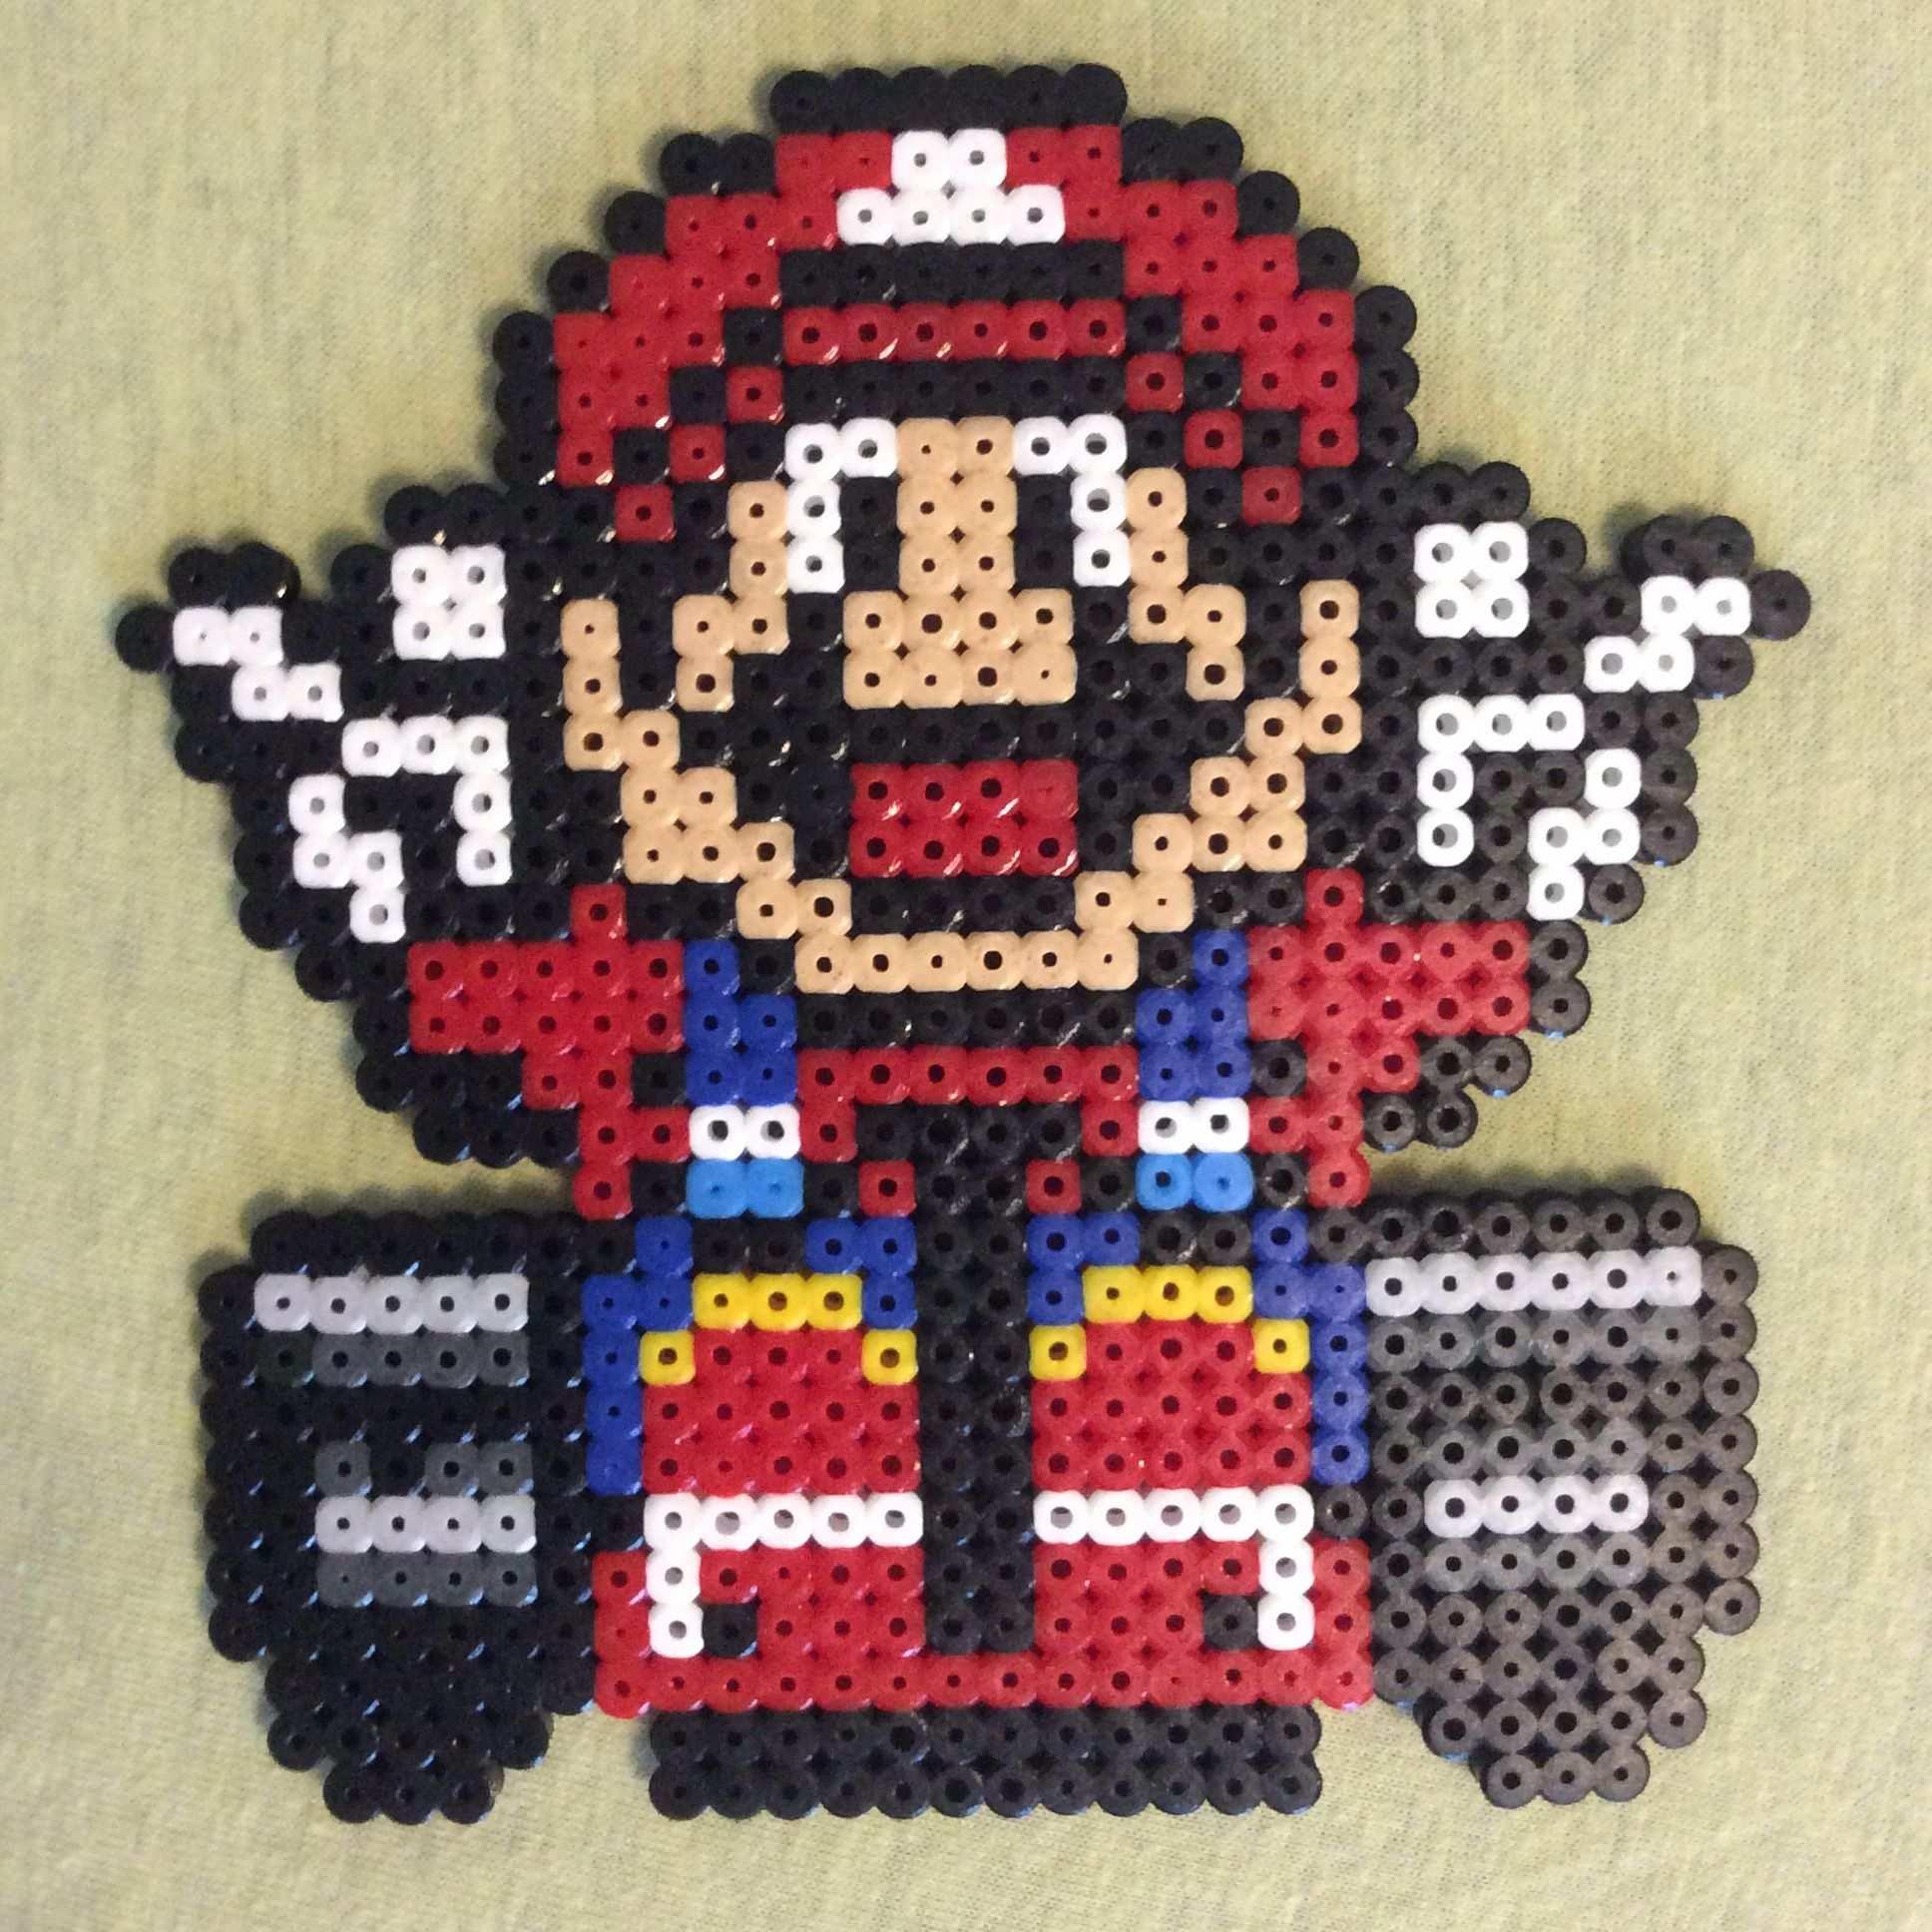 Super Mario Aus Bugelperlen Bugelperlen Ironbeads Perlerbeads Hamabeads Bugelperlen Super Mario Handarbeit